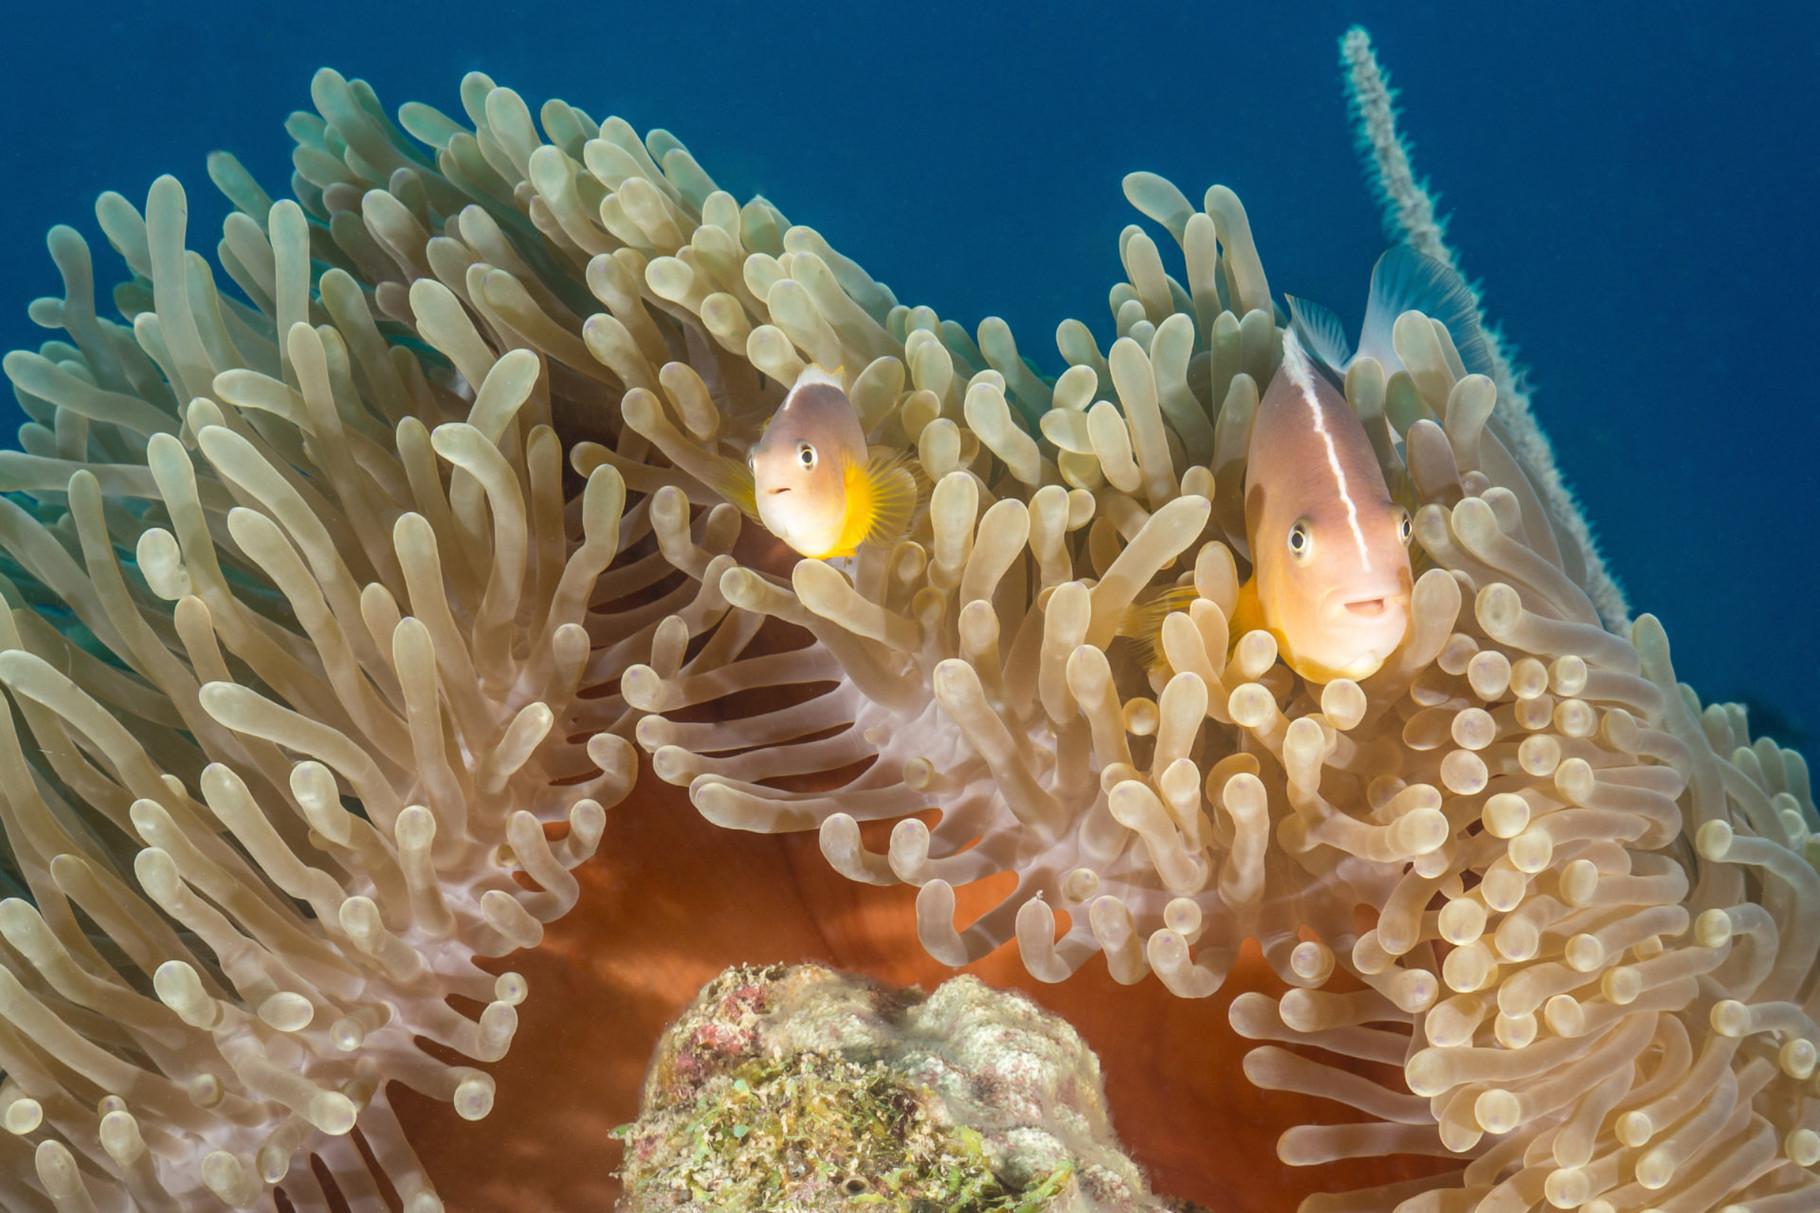 Anemone and nemos